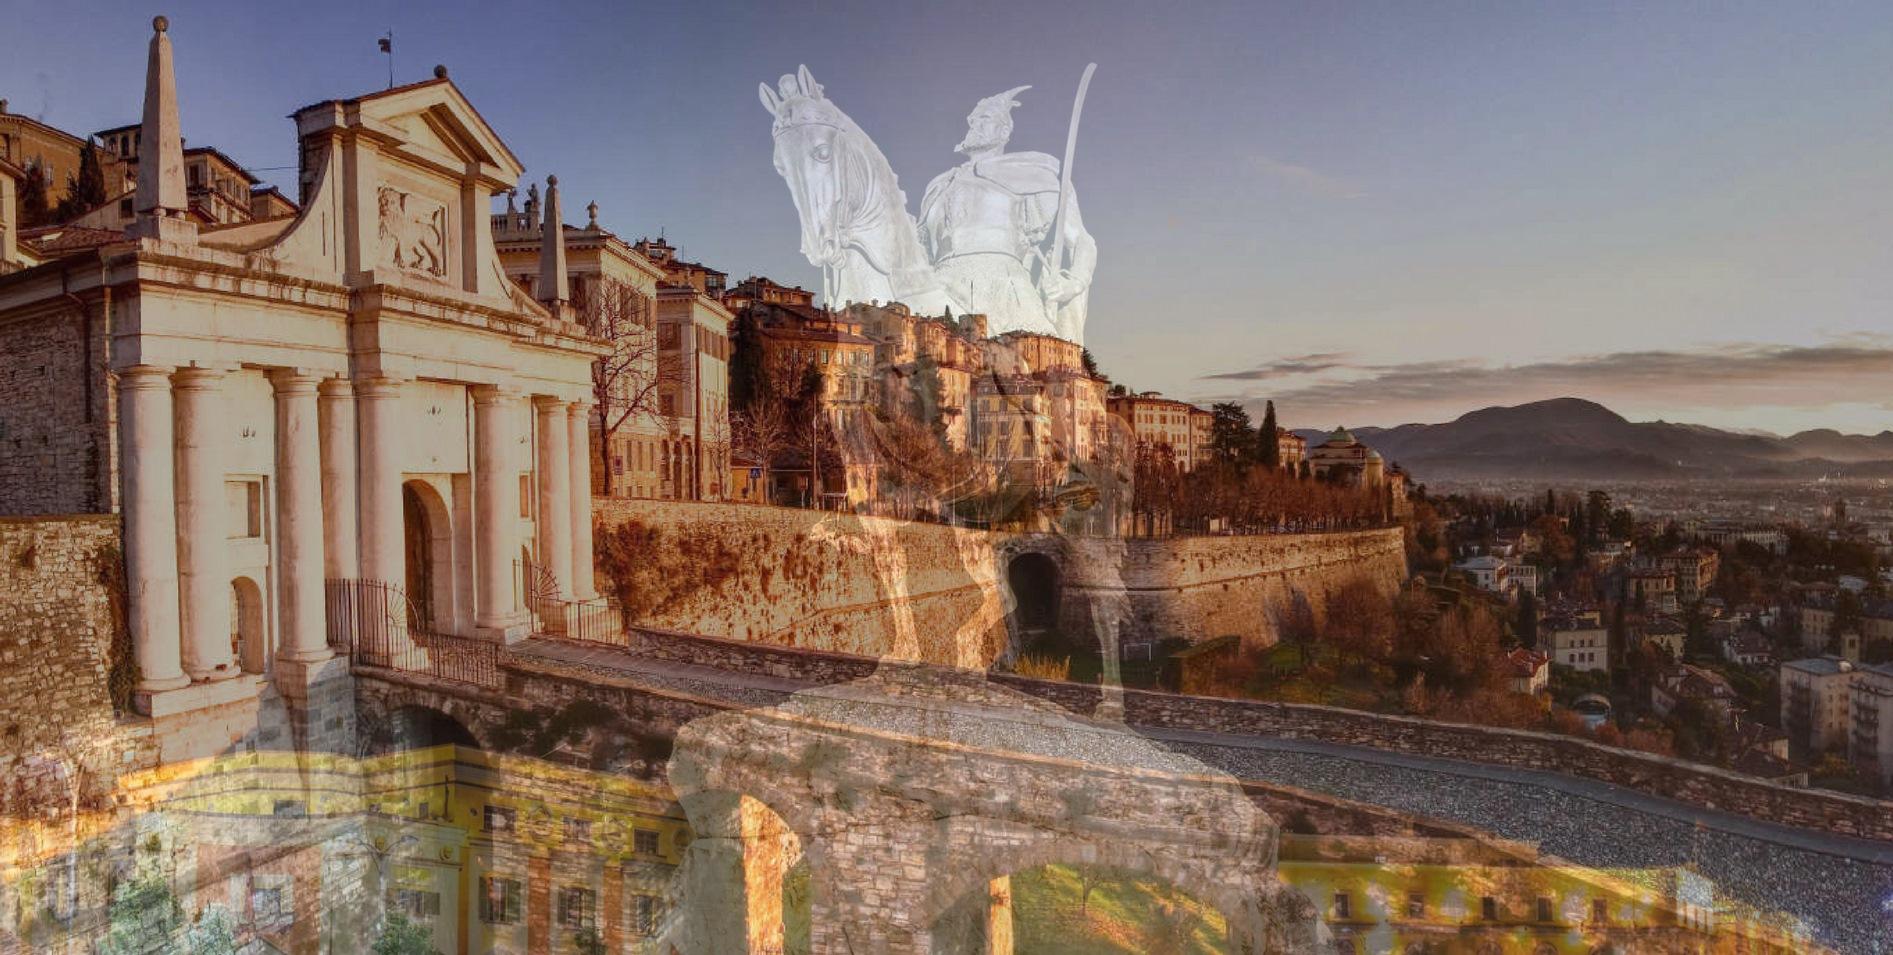 Questioni Culturali Bergamo vs Albania